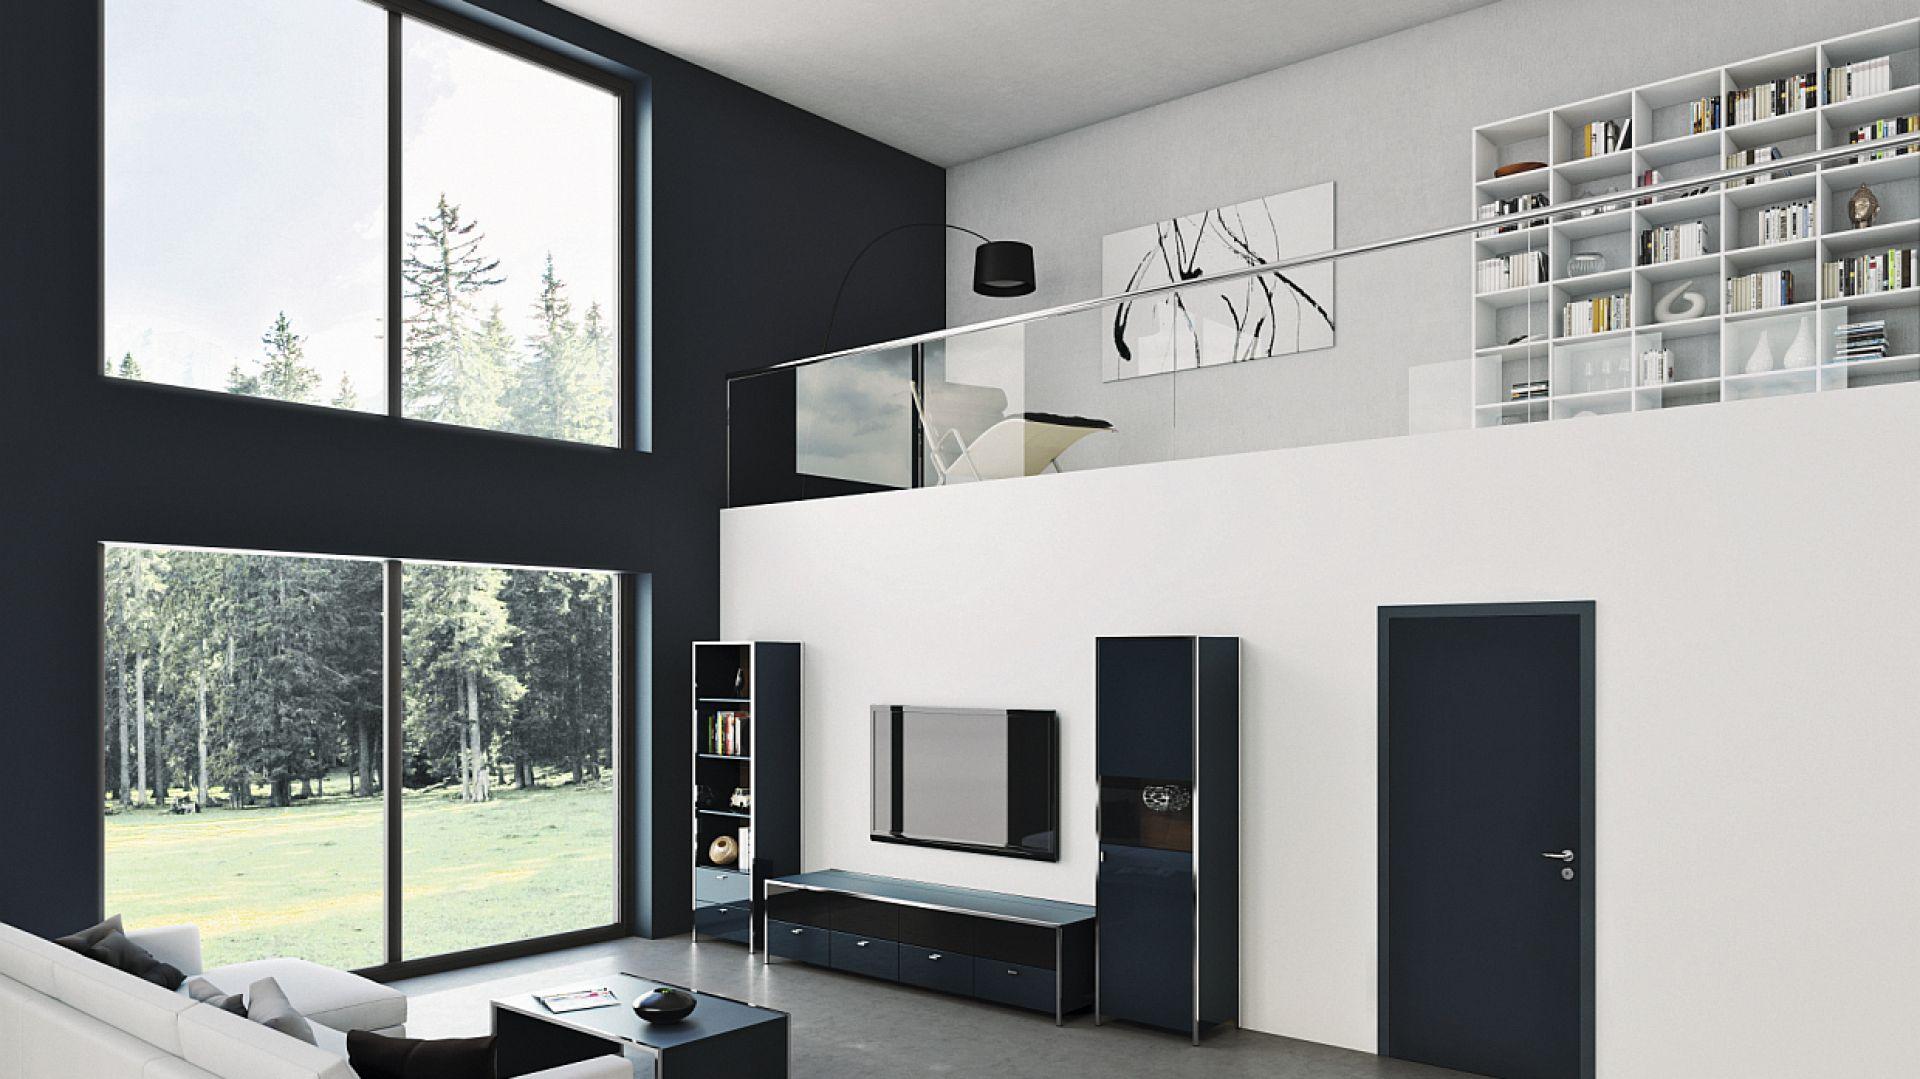 Drzwi drewniane z serii ConceptLine dają szerokie możliwości aranżacji – poprzez łączenie powierzchni ultramatowej, błyszczącej lub strukturalnej z kolorami białym, jasnoszarym lub antracytowym. Te z powierzchnią Duradecor Ultramat w kolorze antracytowym mogą służyć np. jako tablica kredowa. Cena: 1.600 zł netto. Dostępne w ofercie firmy Hörmann. Fot. Hörmann